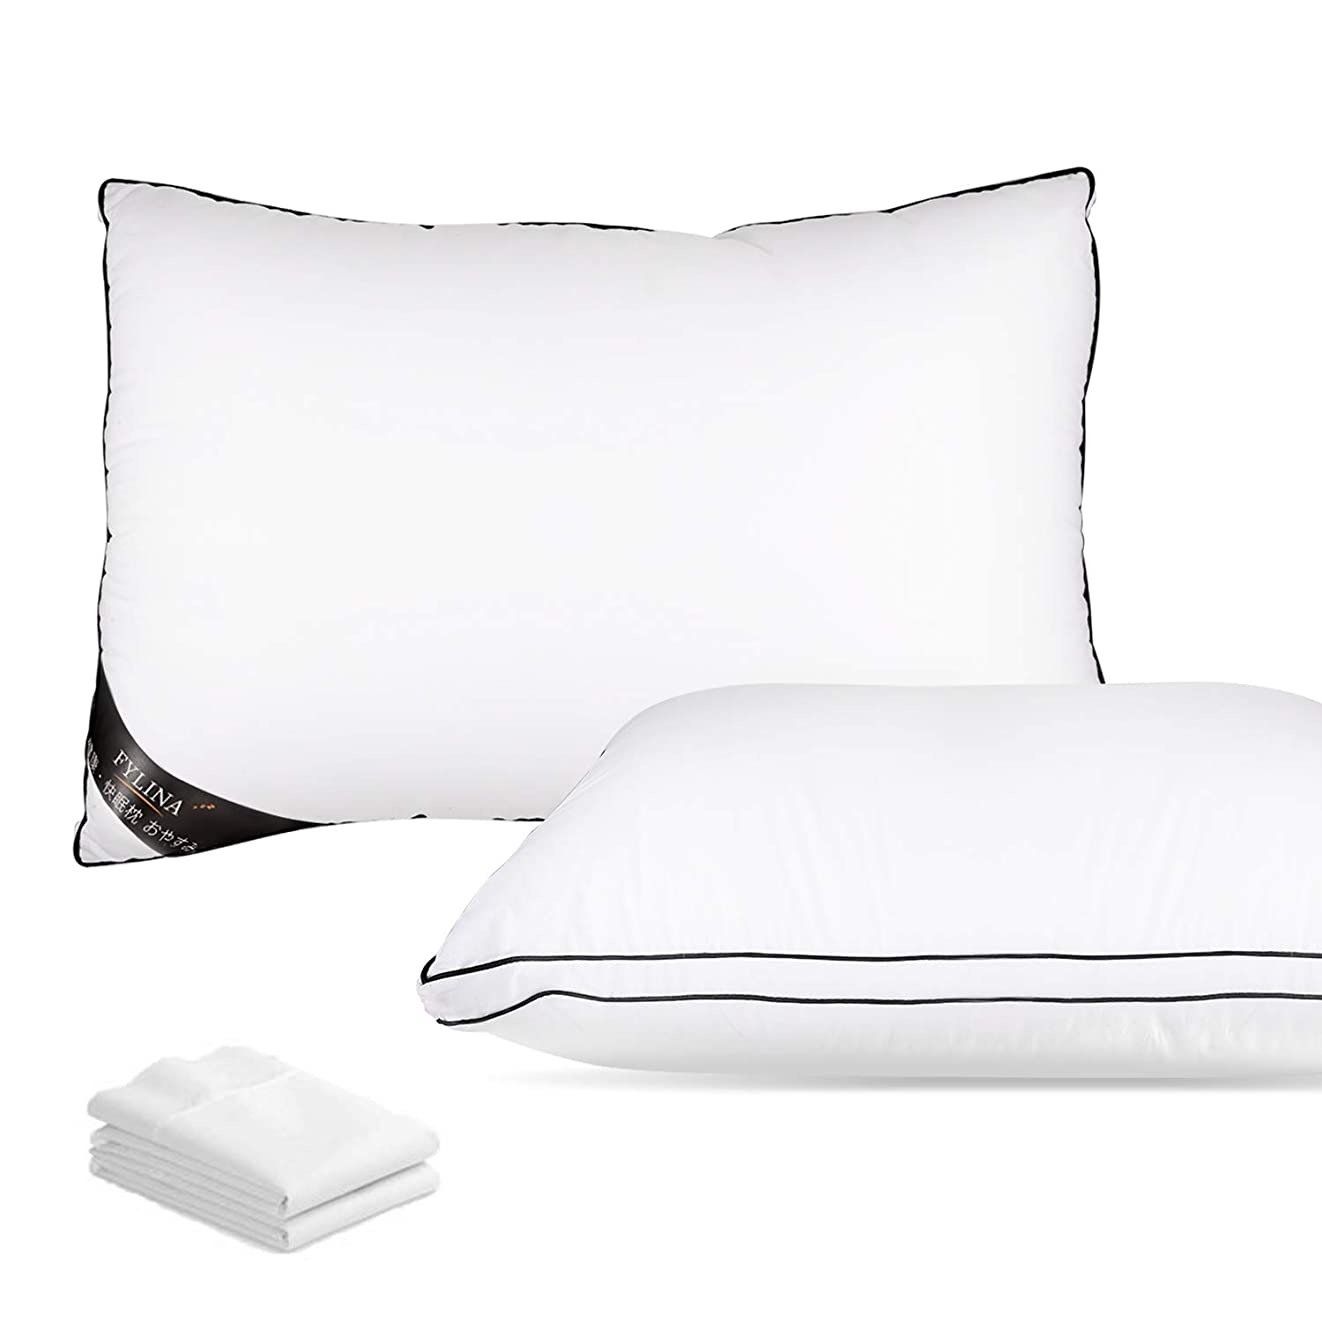 宴会シャー持続的FYLINA 枕 安眠 肩こり対策枕 高反発枕 良い通気性 快眠枕 pillow ホテル仕様 高さ調節可能 寝返りが打ちやすい 丸洗い可能 立体構造 43x63cm 枕カバー付き 一年保証